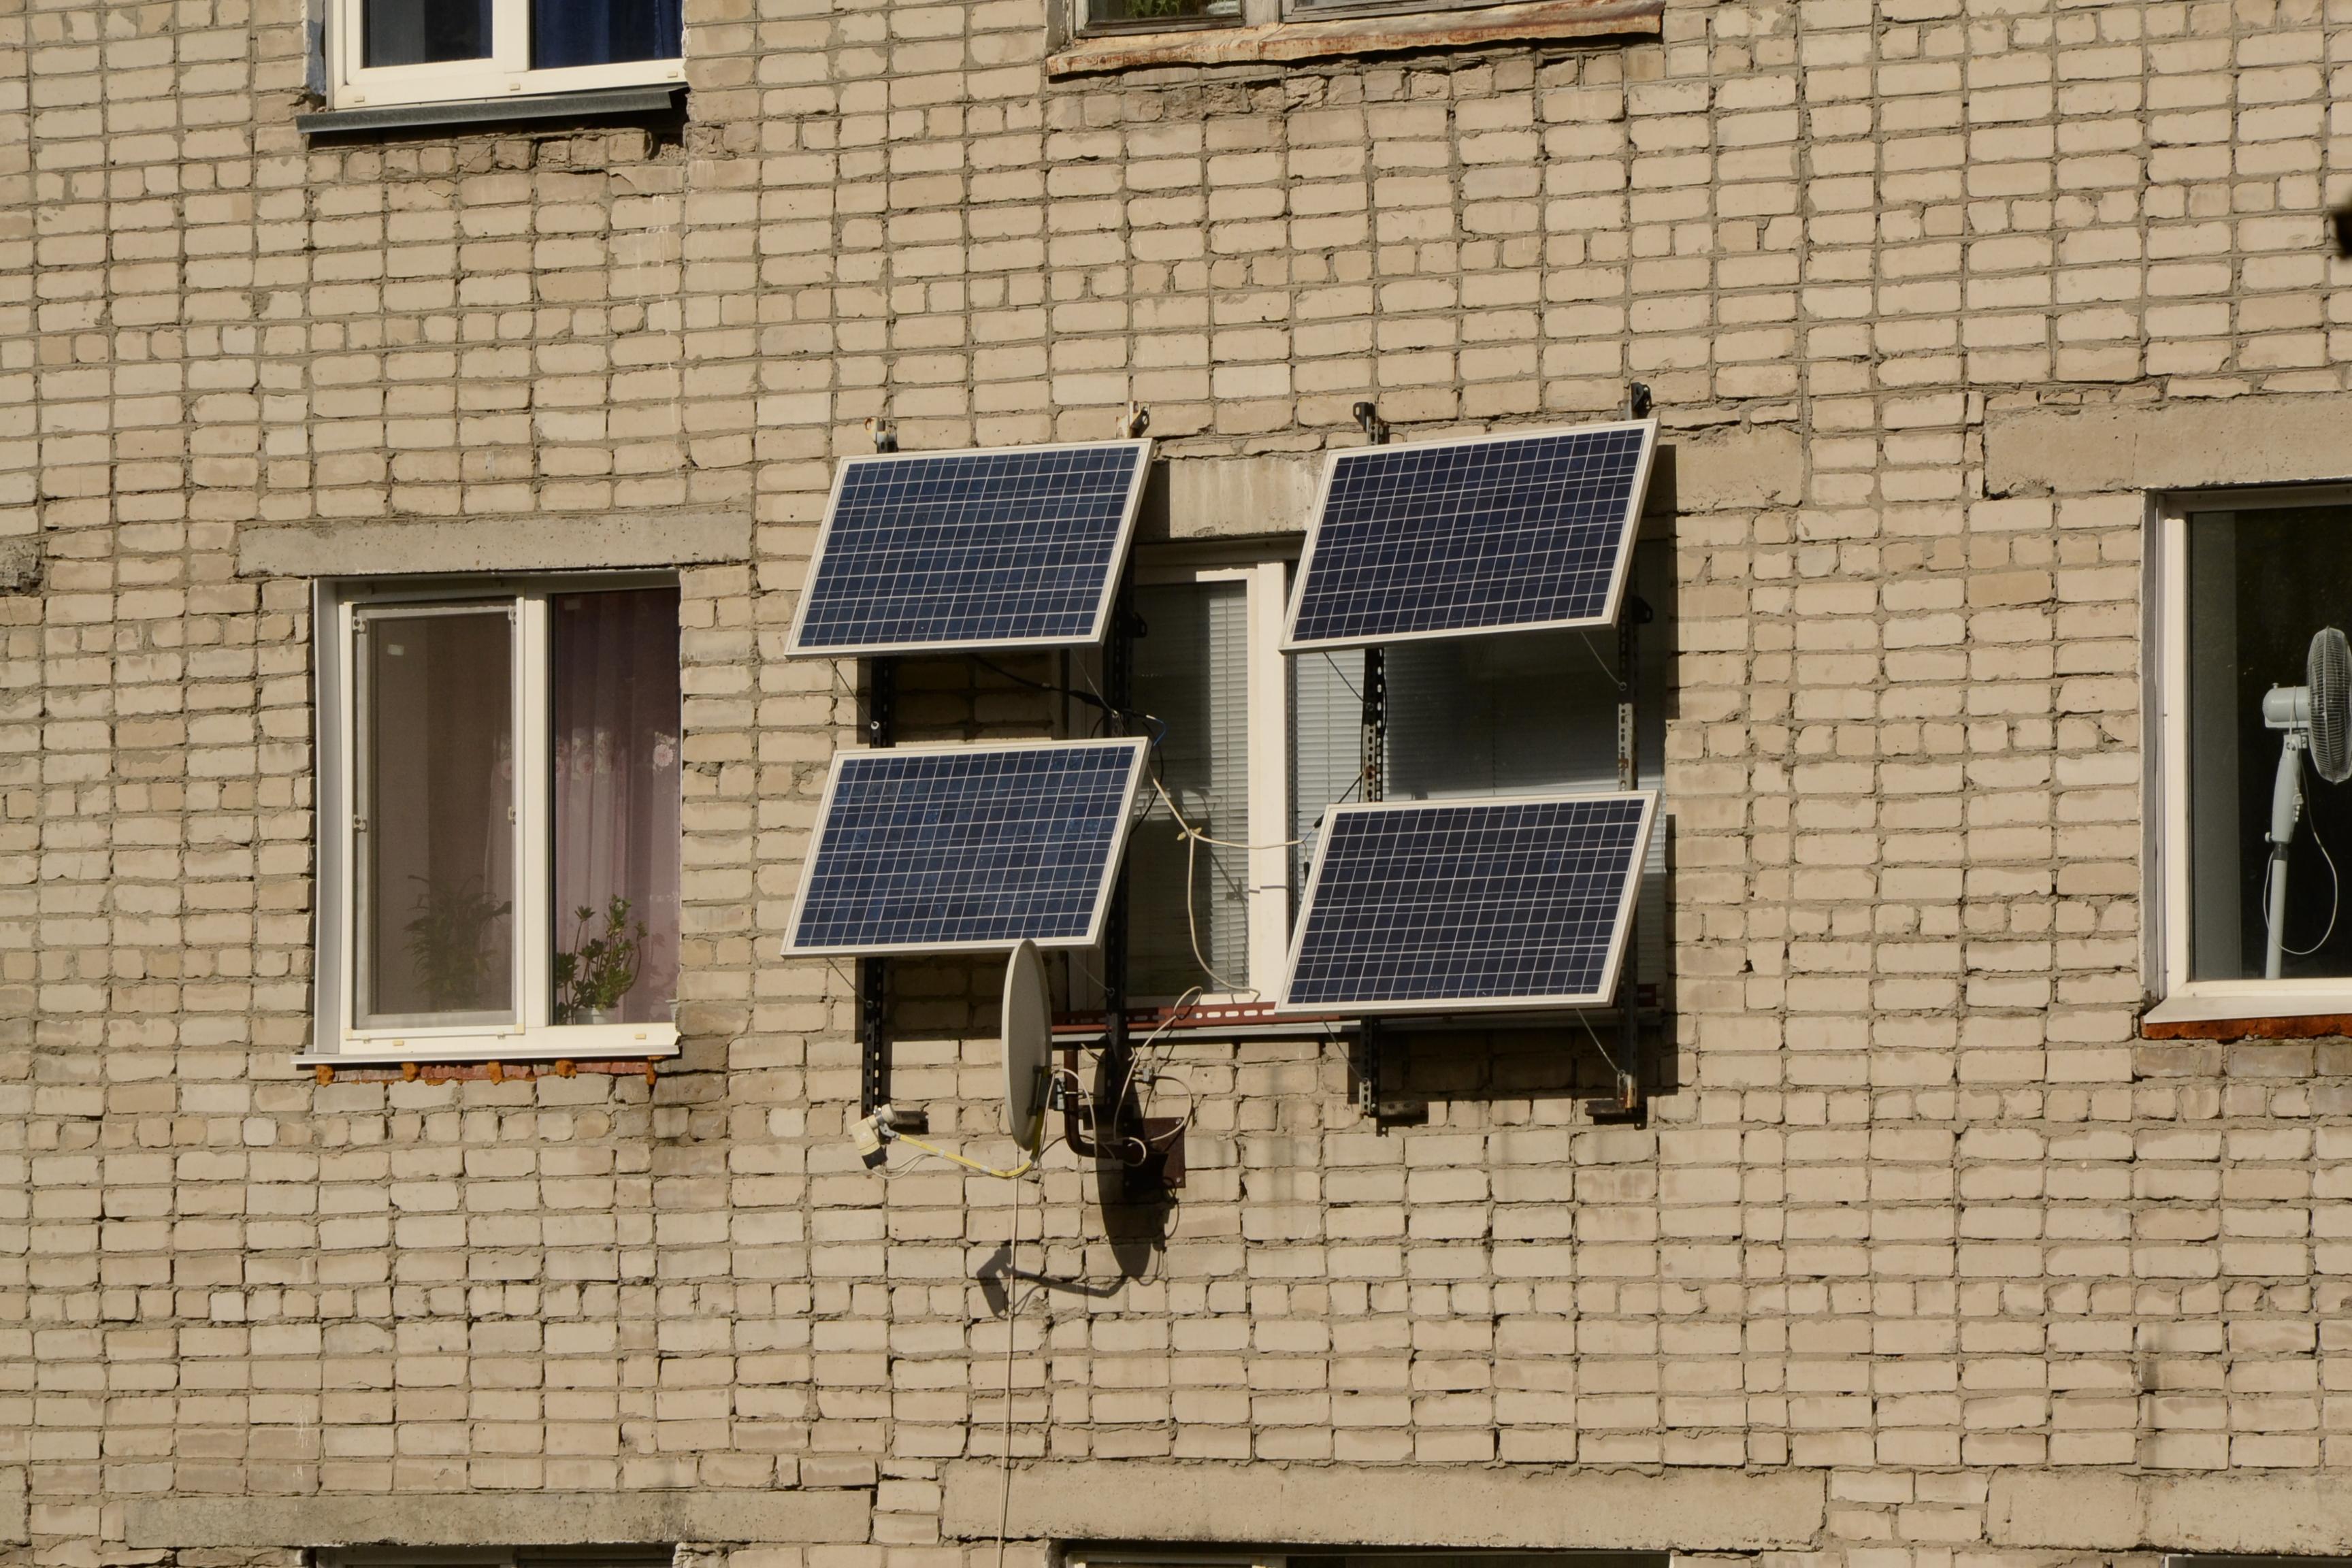 фотография солнечной батареи на многоэтажном доме Кемеровская область, Сибирь